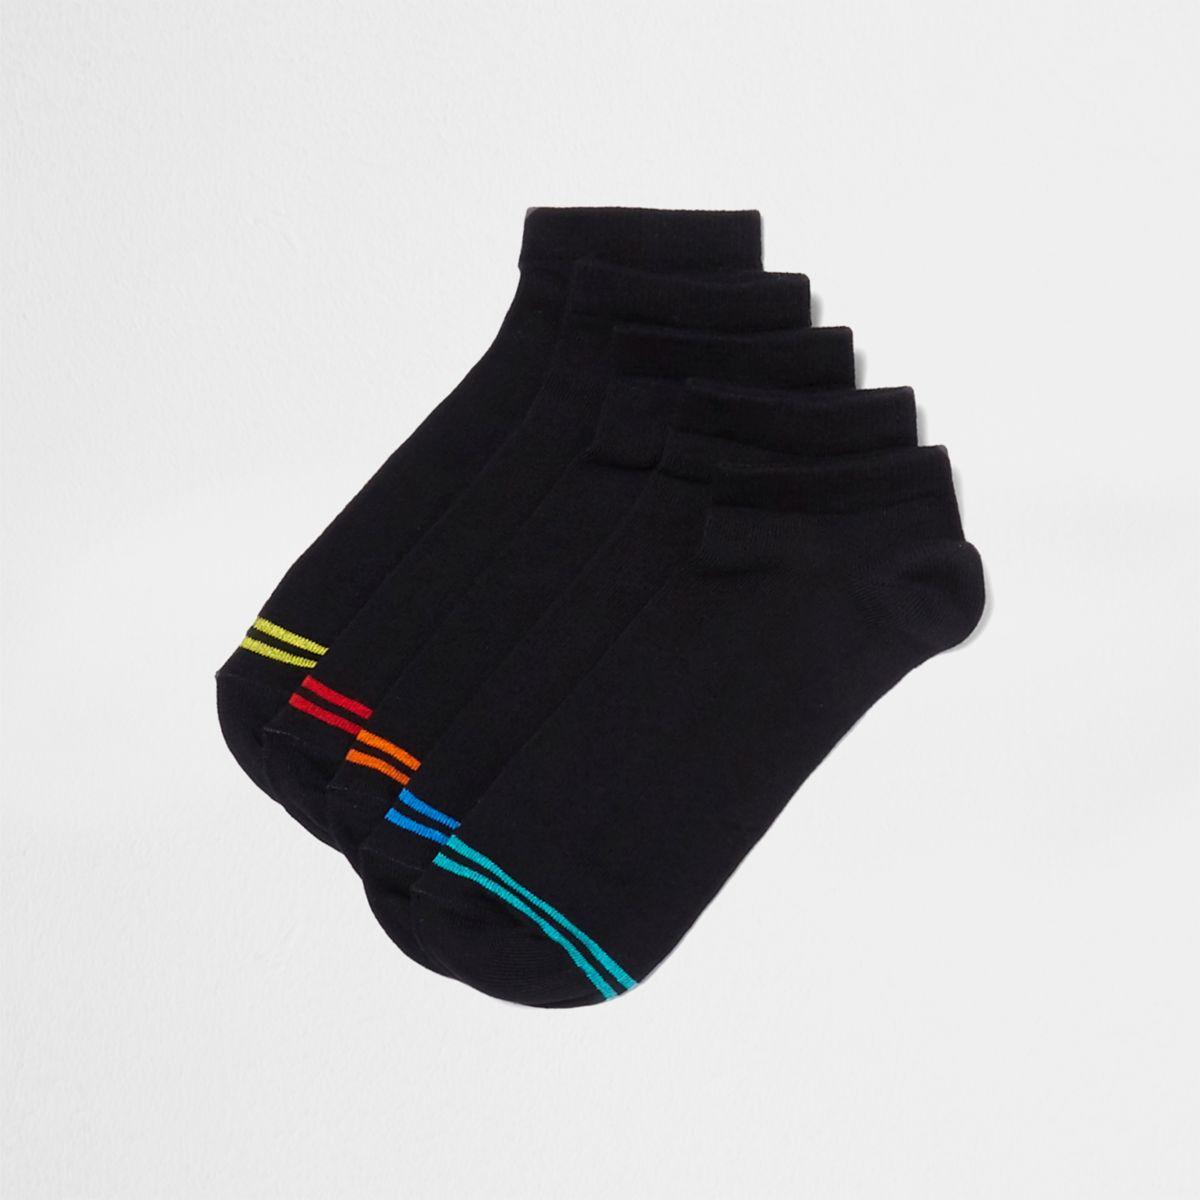 Lot de chaussettes de sport noires à rayures multicolores